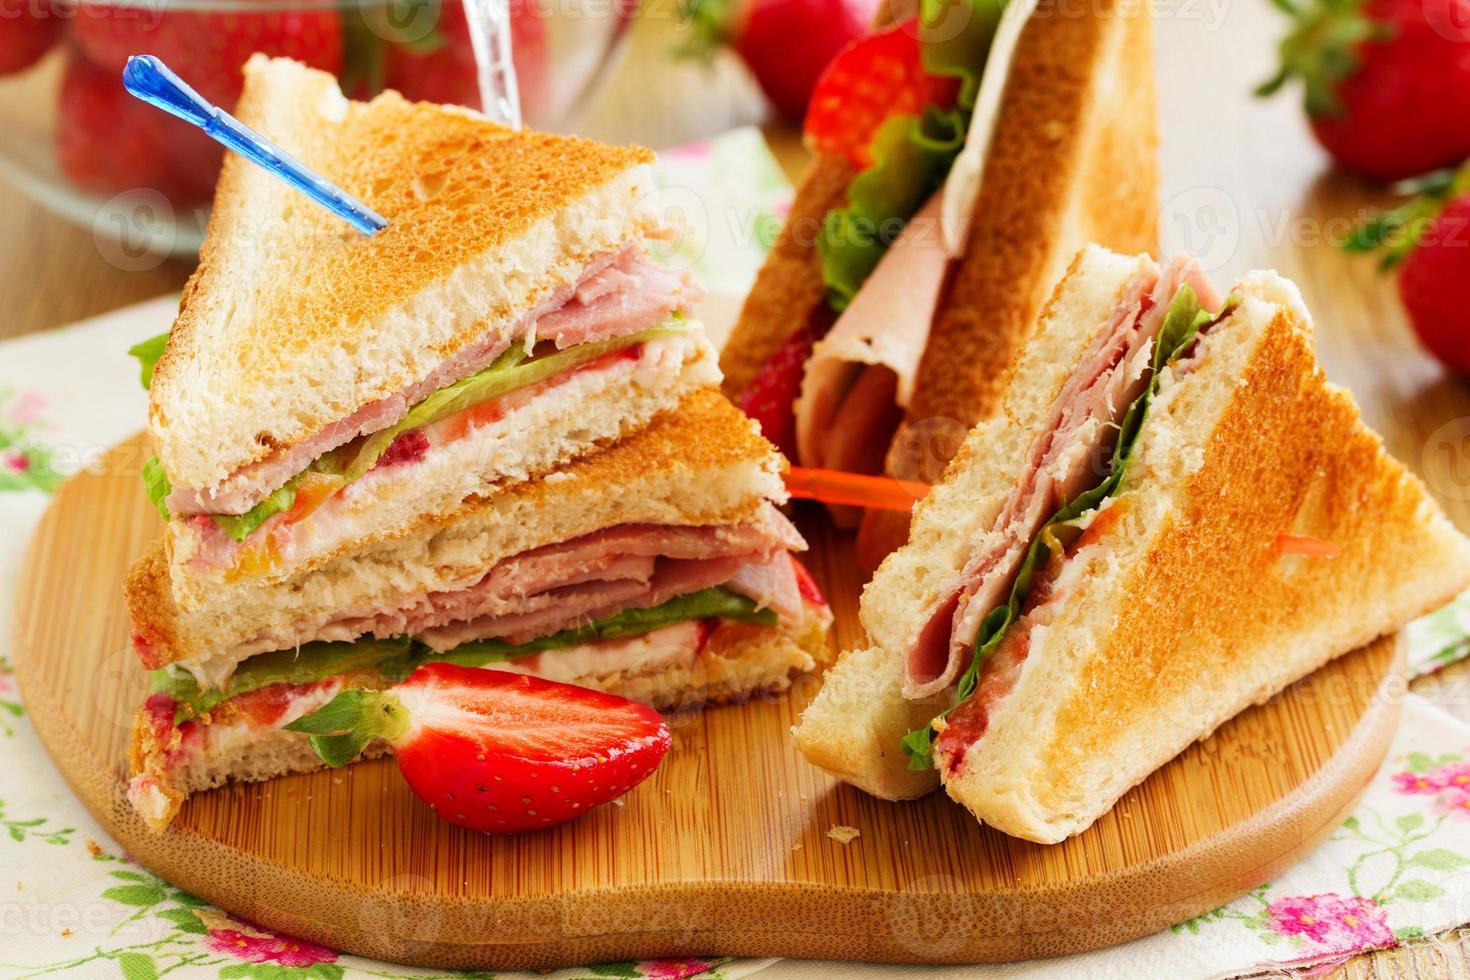 sandwich de pavo dietético y fresa. foto